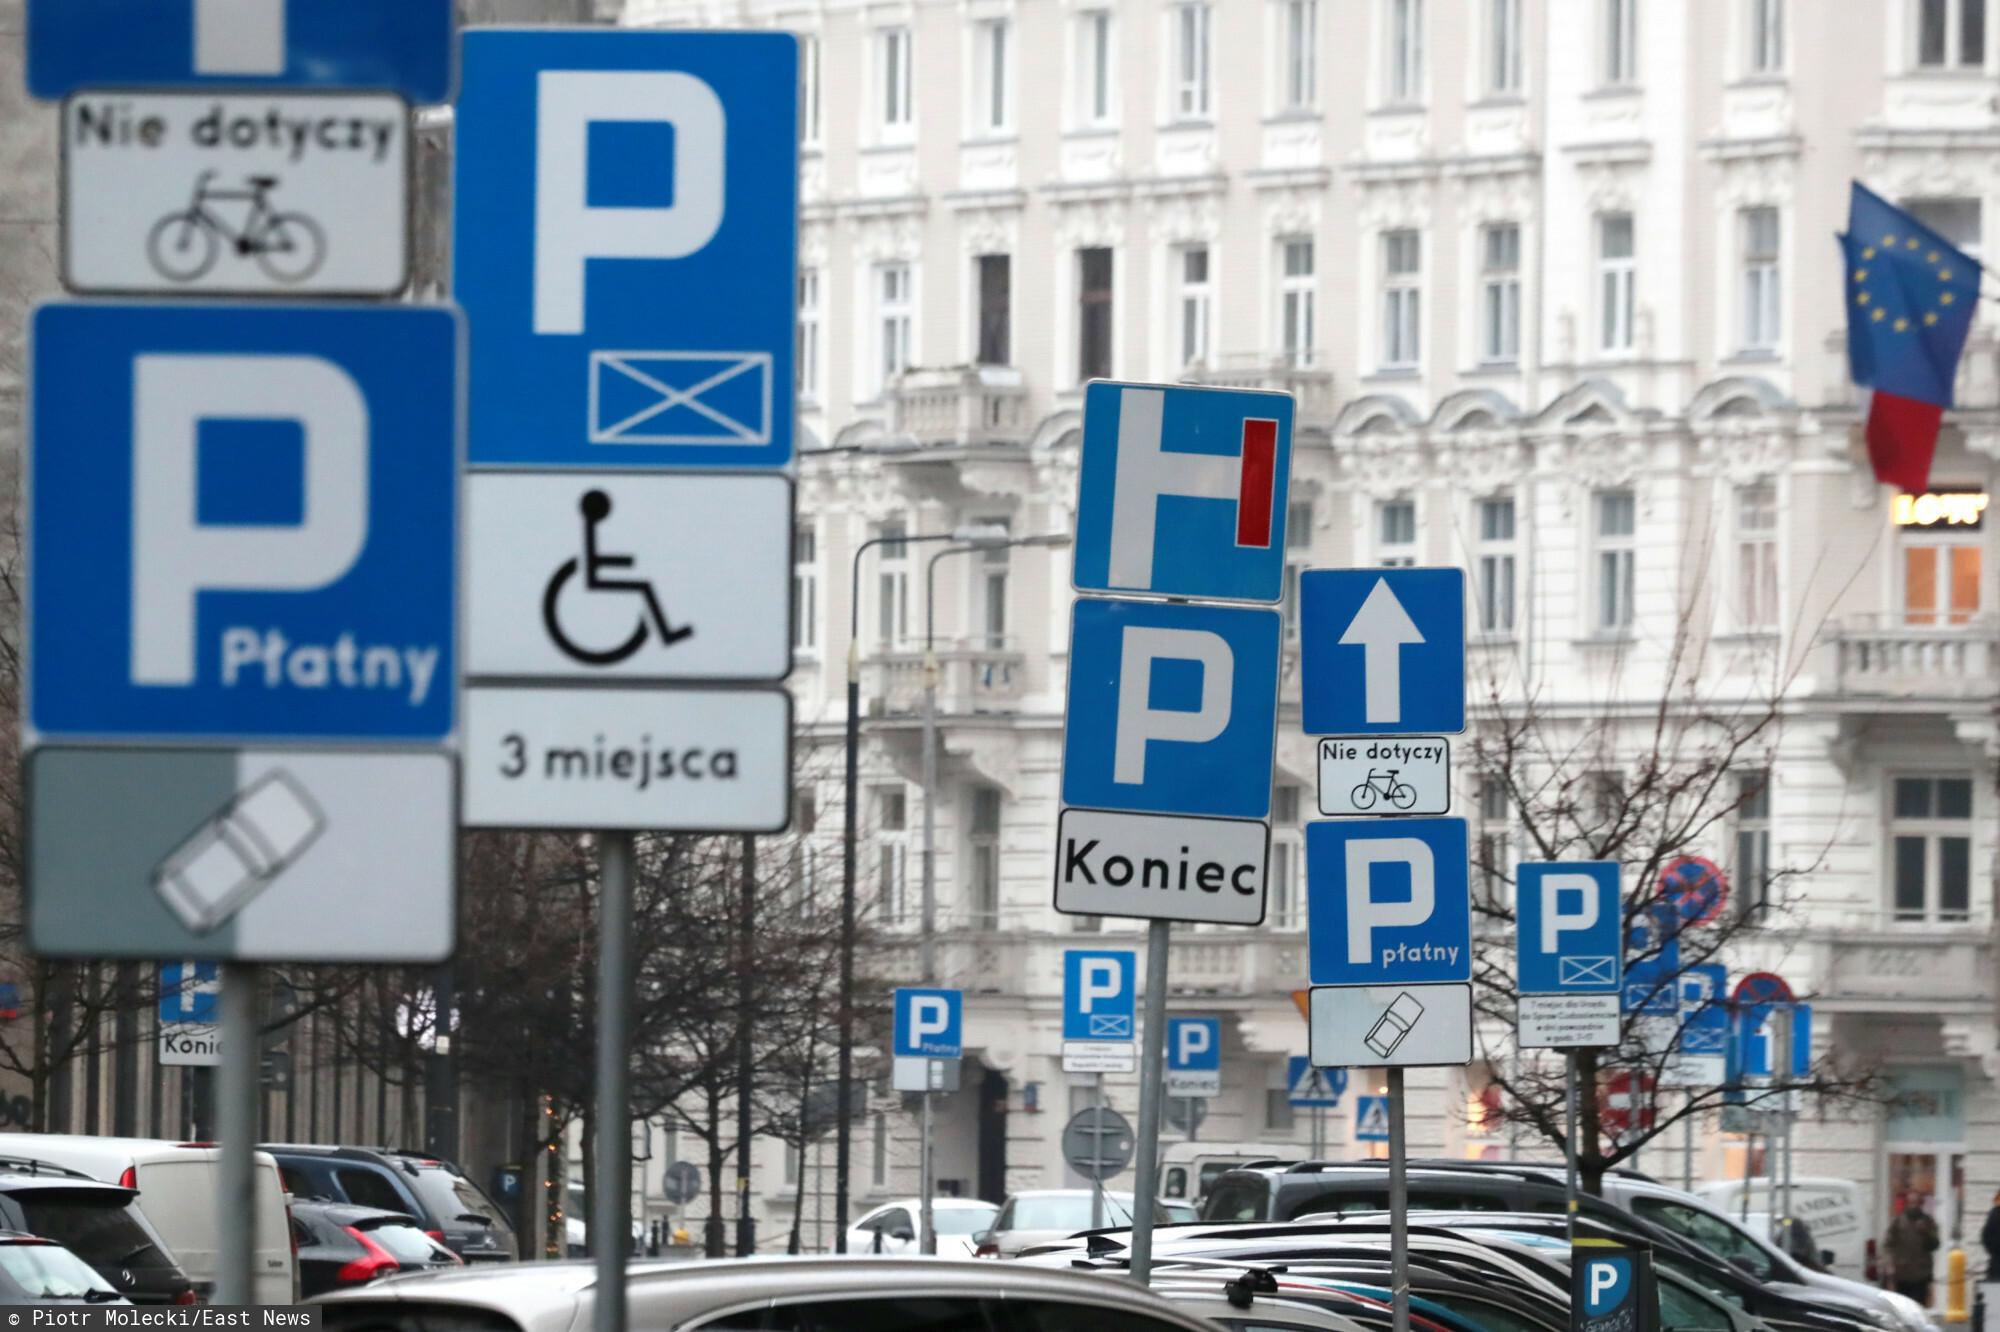 Wojewoda mazowiecki Konstanty Radziwiłł sprzeciwił się rozszerzeniu strefy płatnego parkowania w Warszawie.